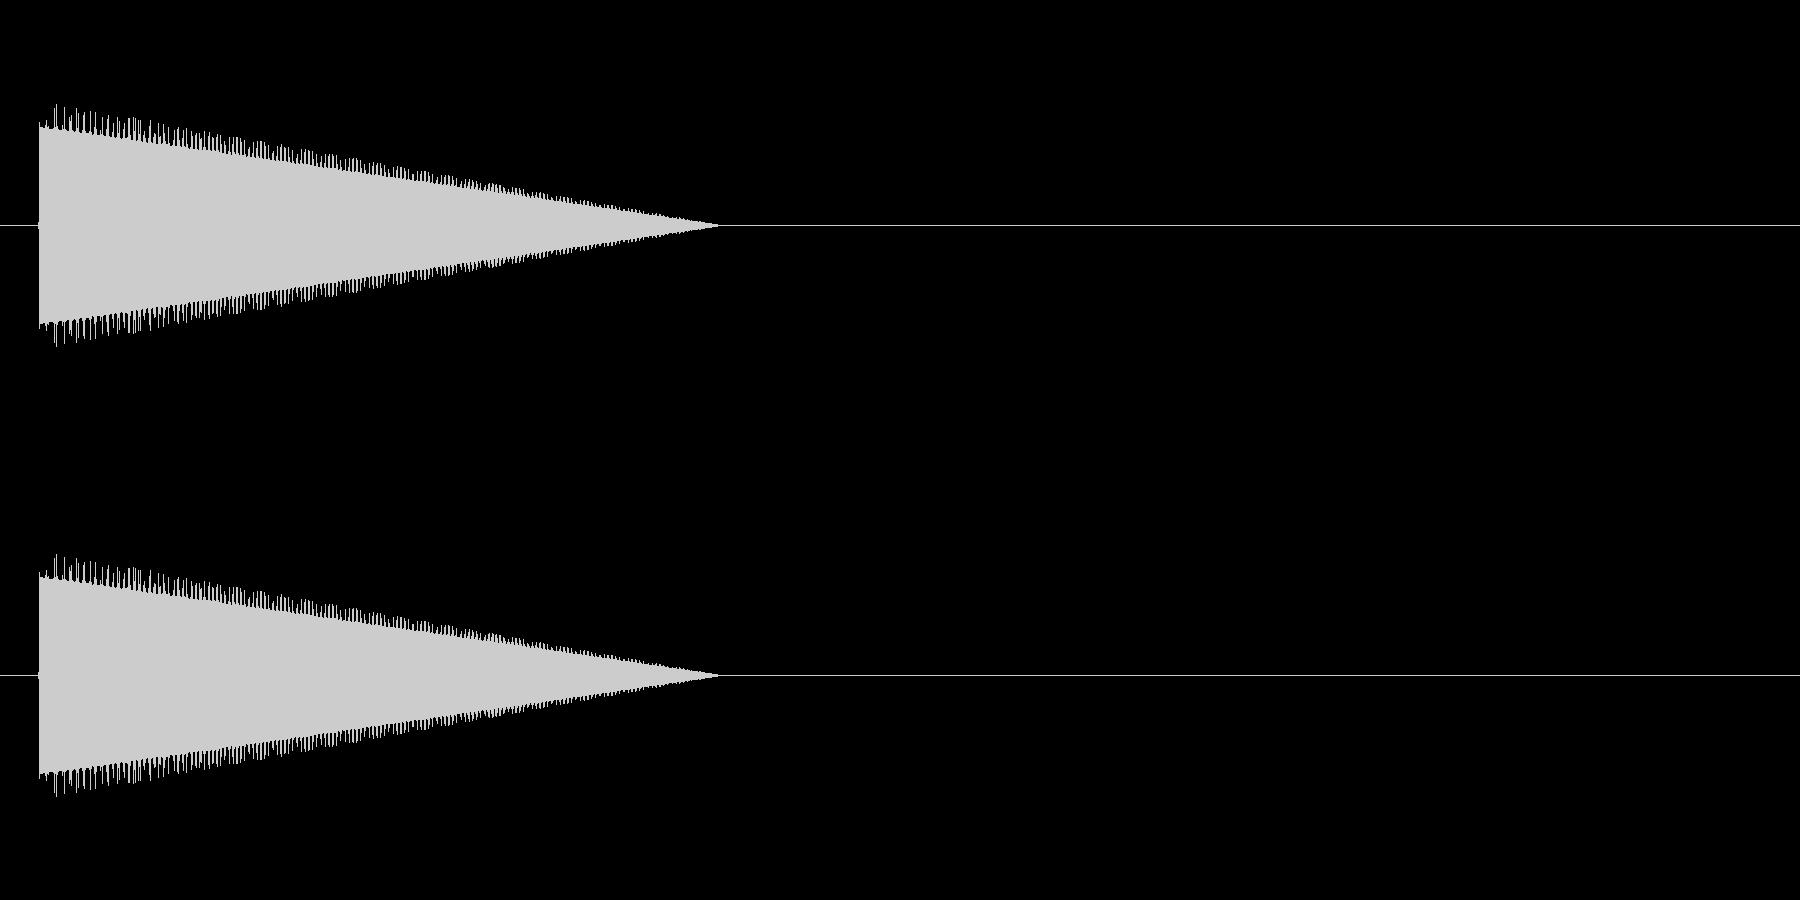 レトロゲーム風・ジャンプの未再生の波形